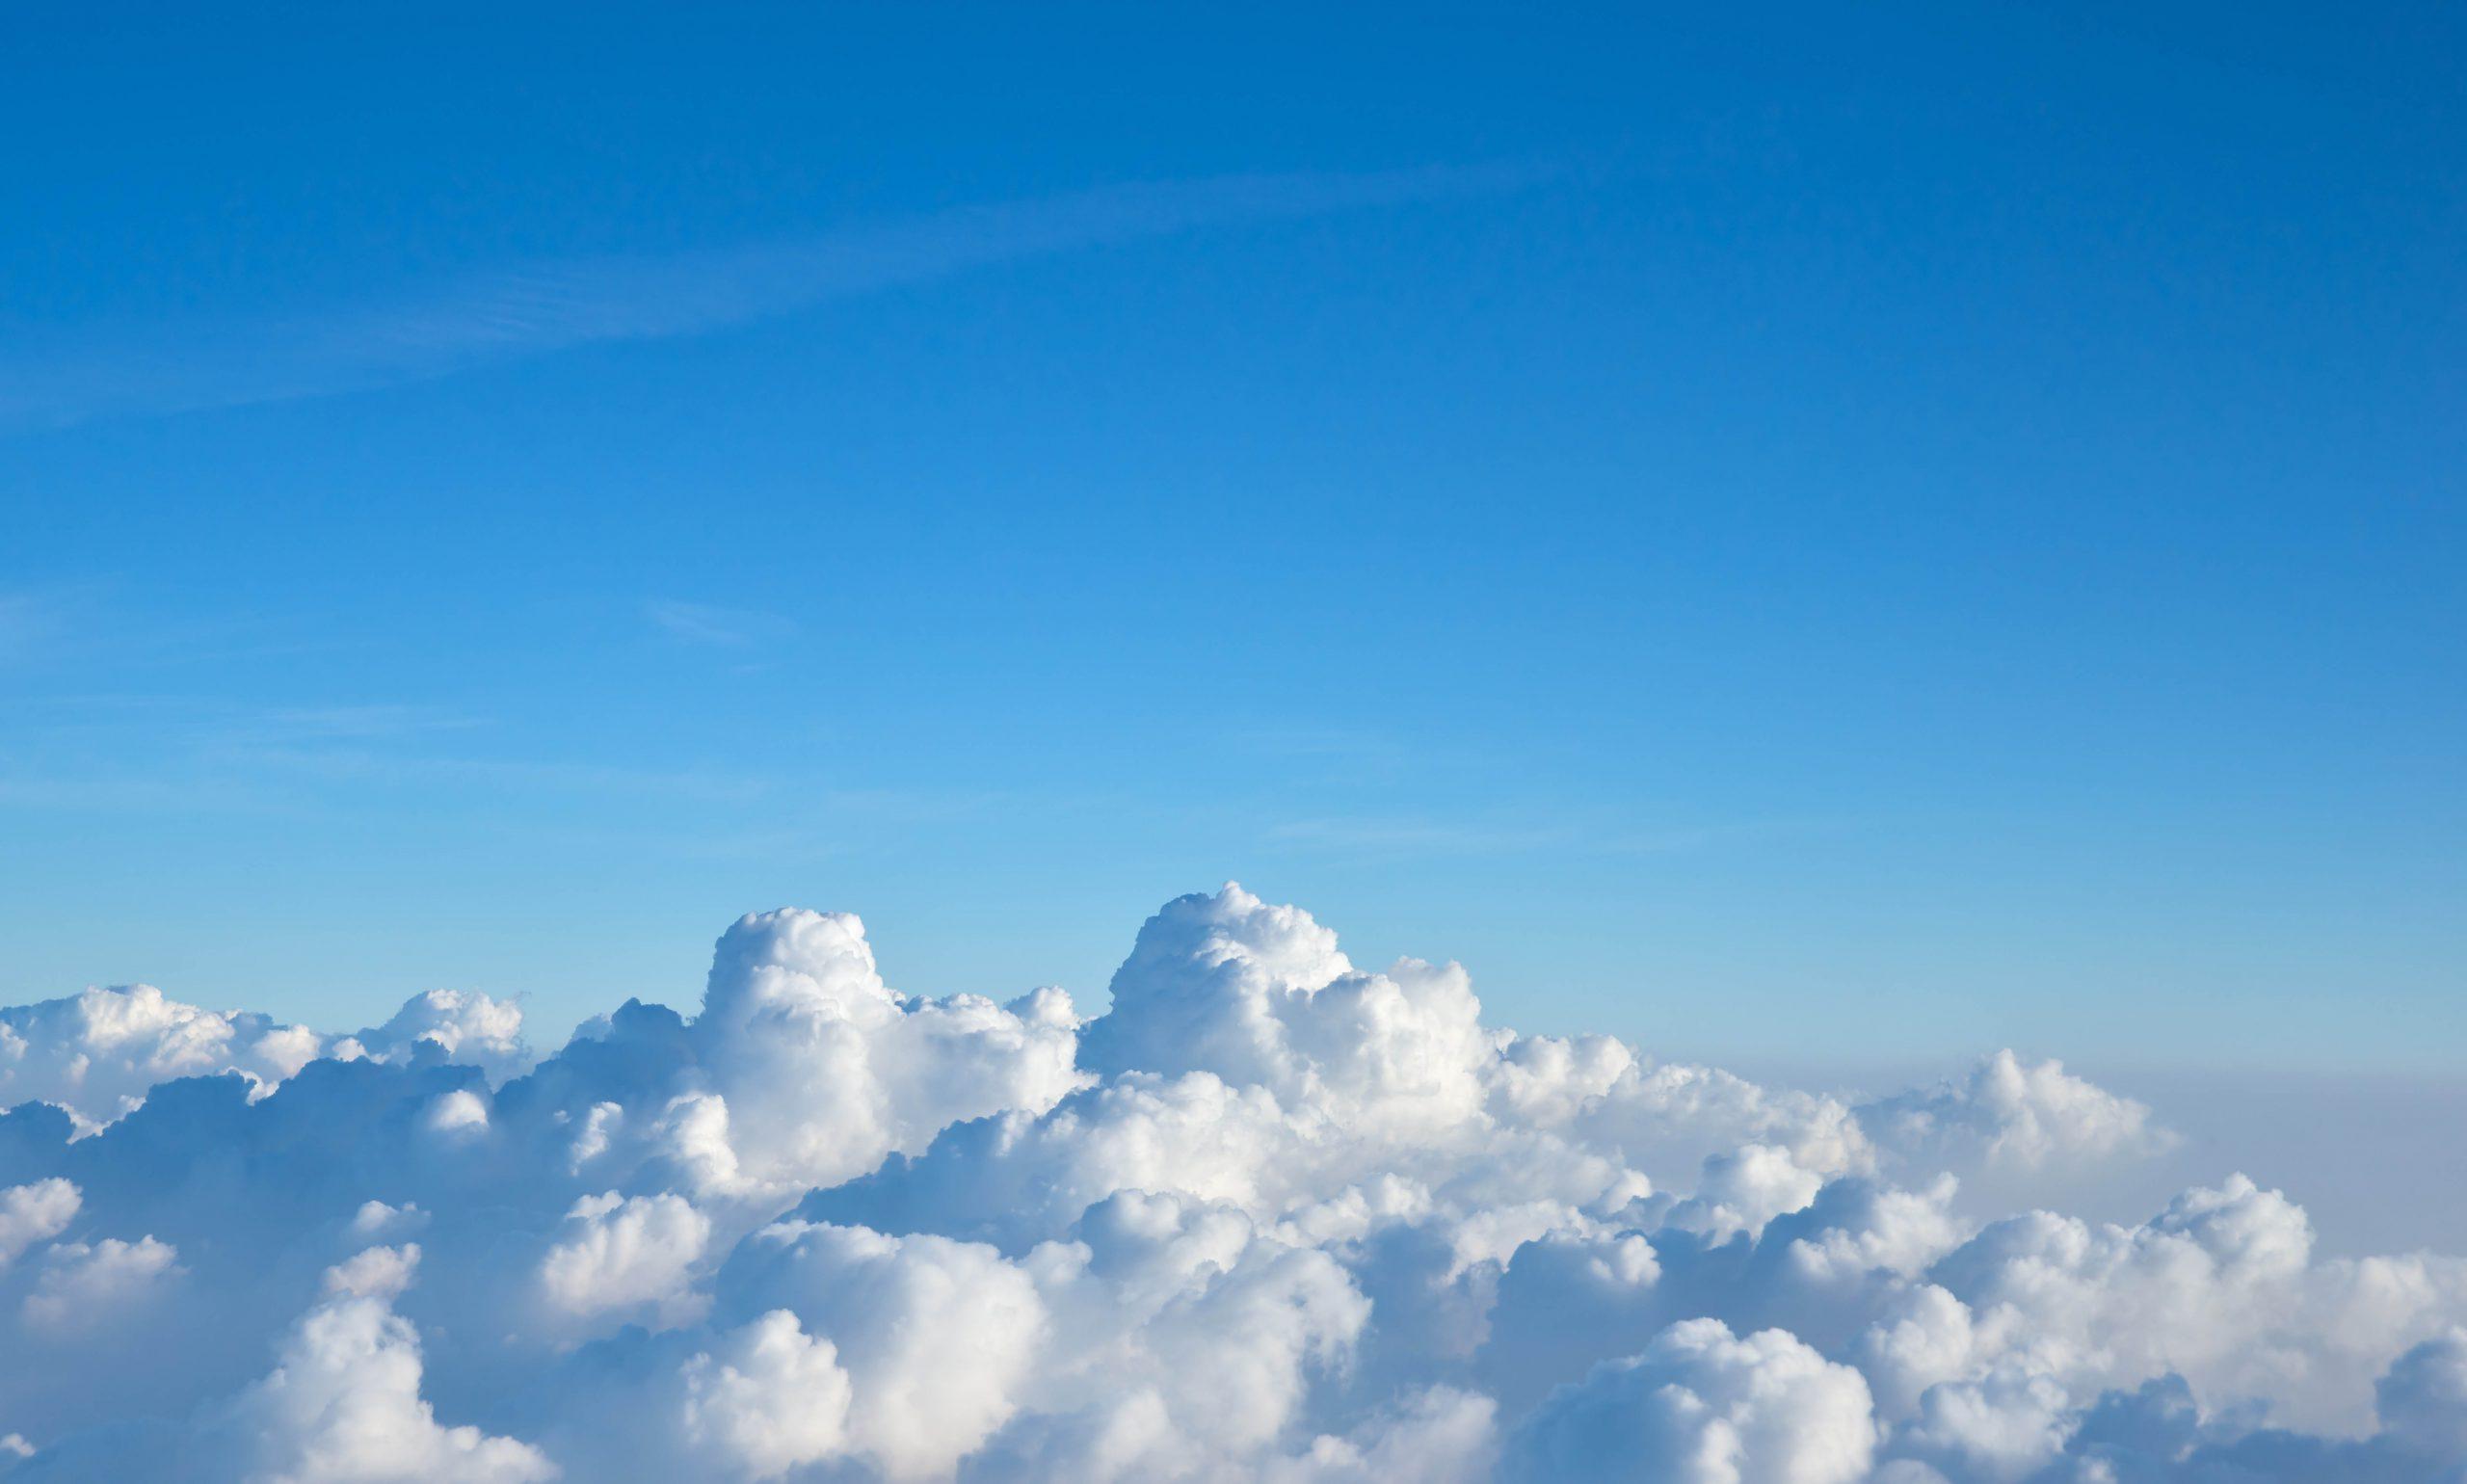 Fractal Sky Clouds